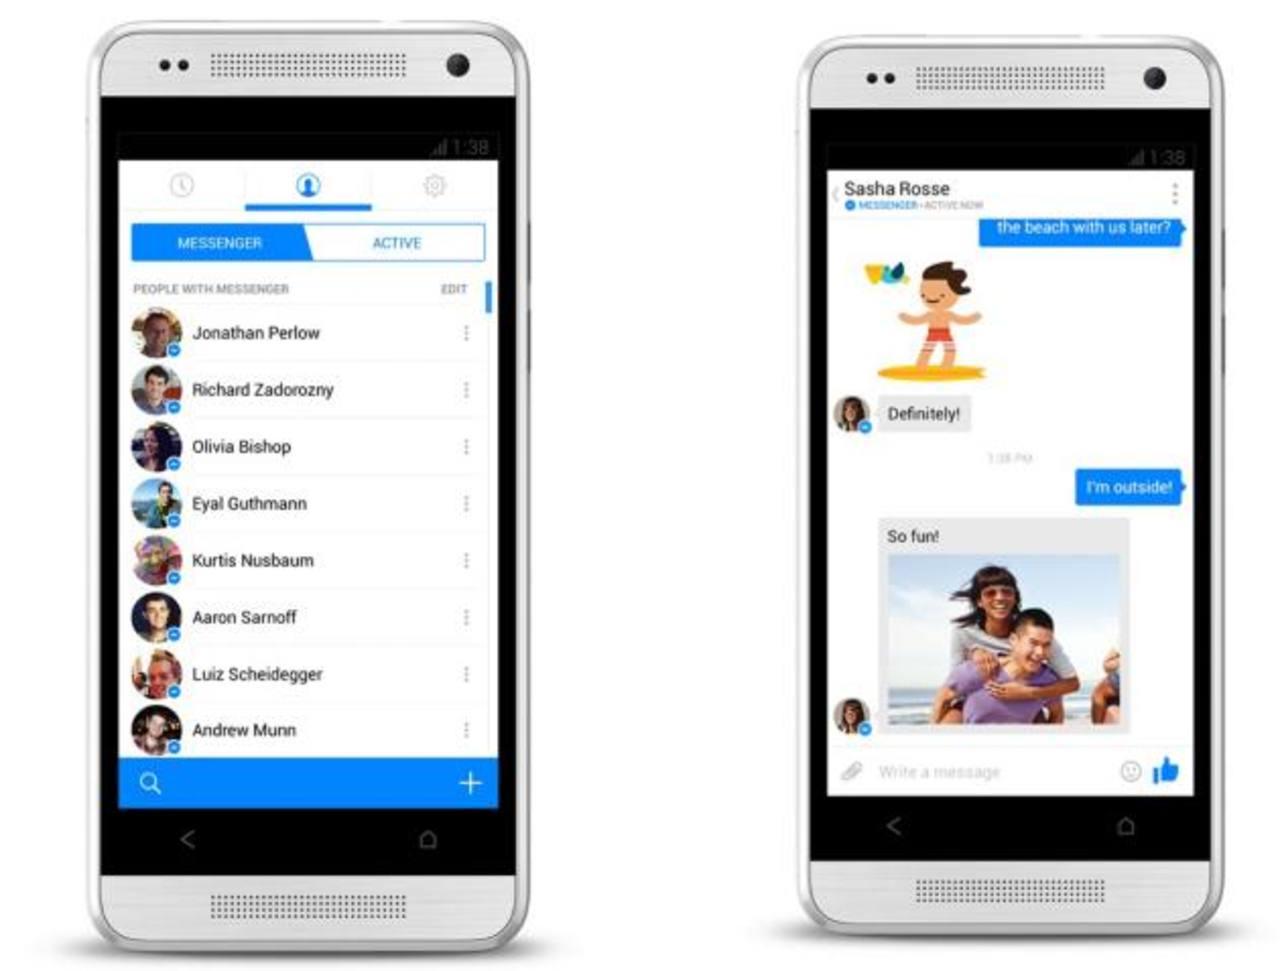 La aplicación de Messenger tenía 700 millones de usuarios mensuales hasta principios de junio, según el creador de Facebook.